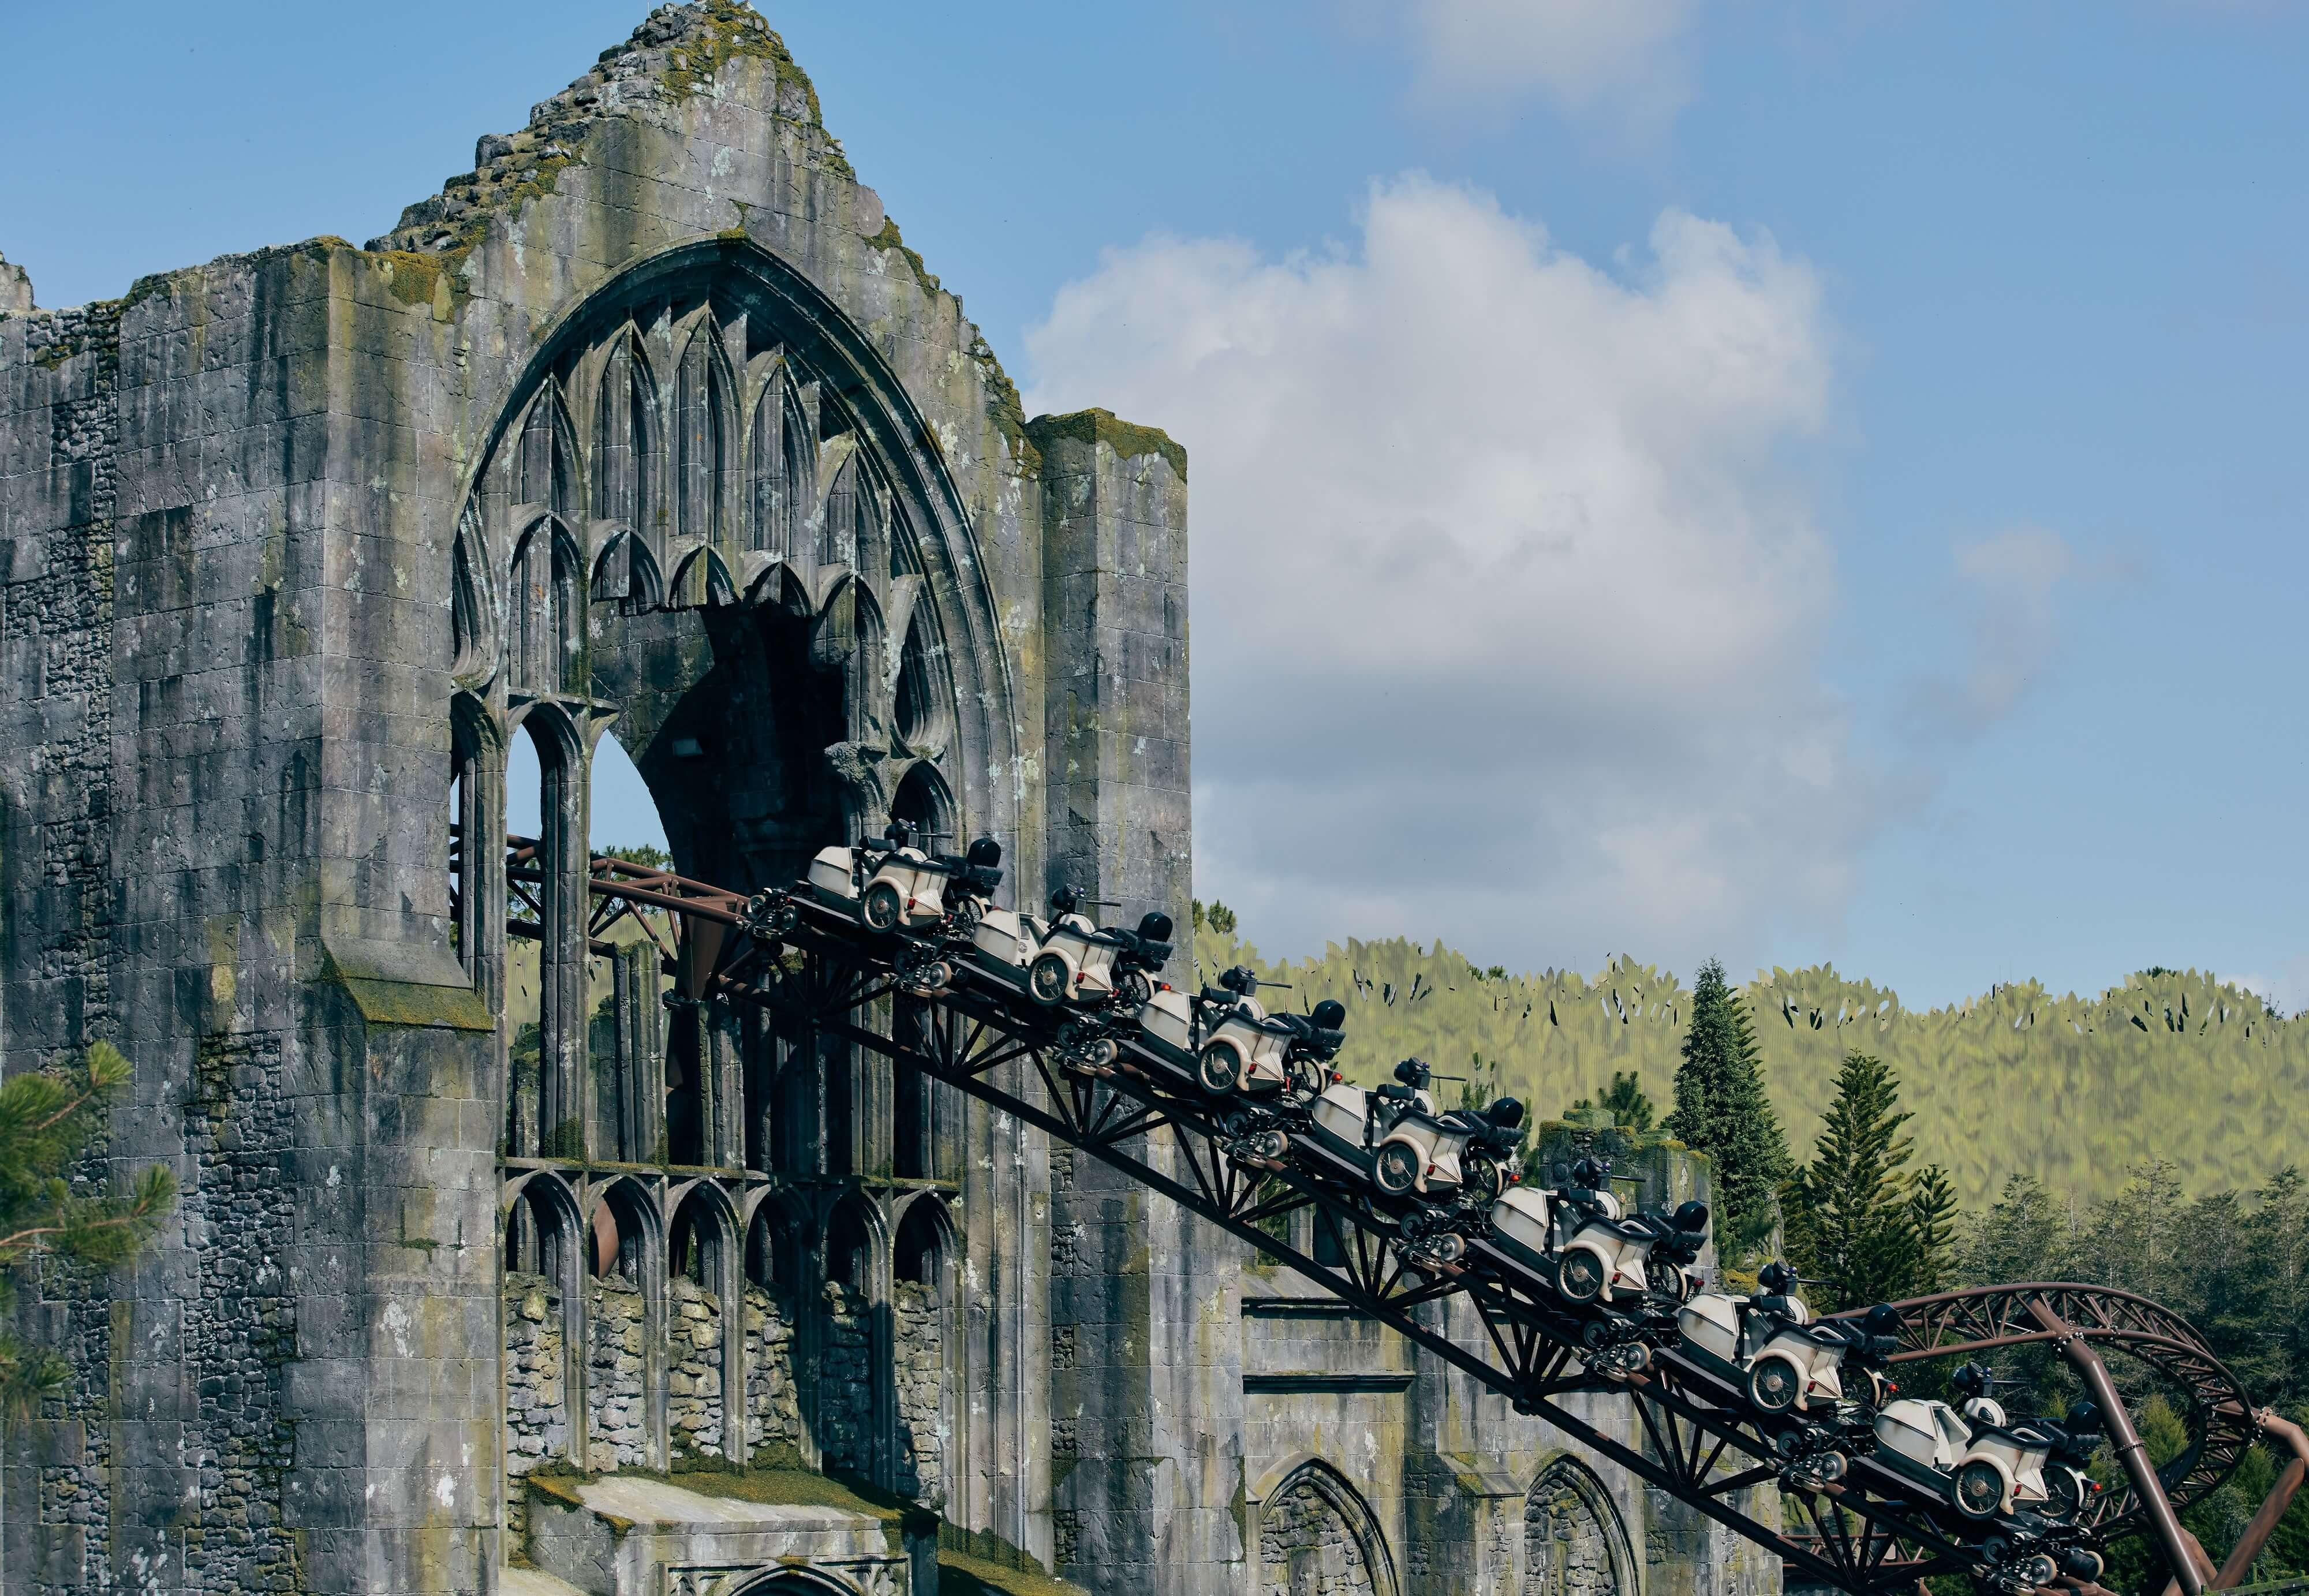 Potterish.com [Year 18] :: Harry Potter, The Ickabog, Fantastic Beasts, JK Rowling, Daniel, Emma & Rupert Hagrid's roller coaster keeps Harry Potter's magic alive